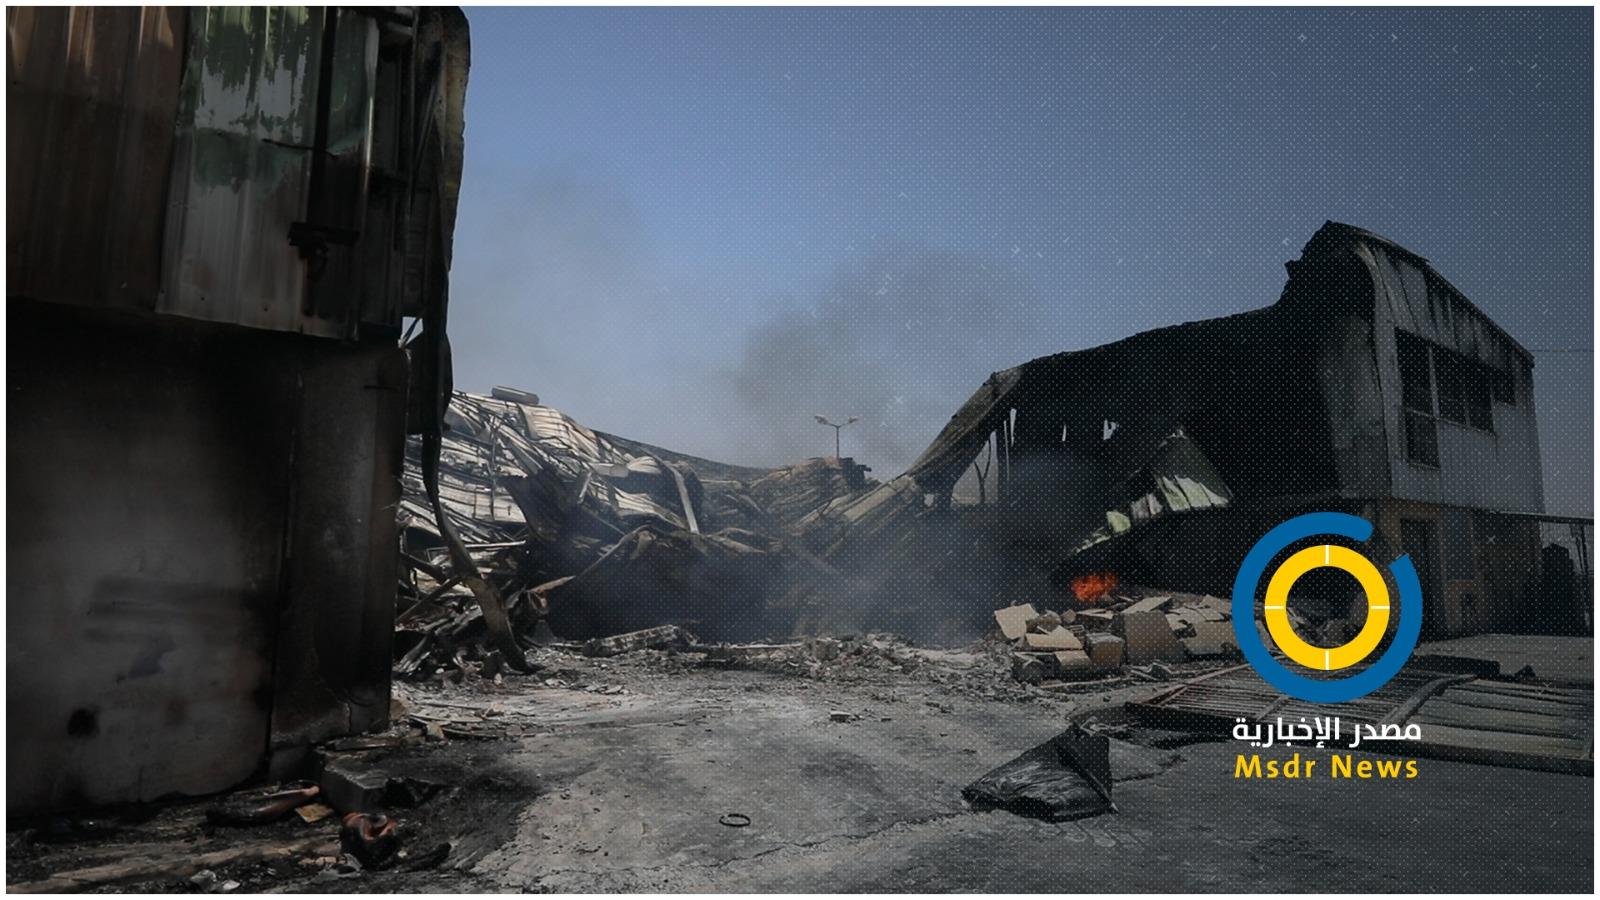 أبو إسكندر للنايلون.. دمره الاحتلال بالمنطقة التي كان يعتقد بأنها أمنة في غزة